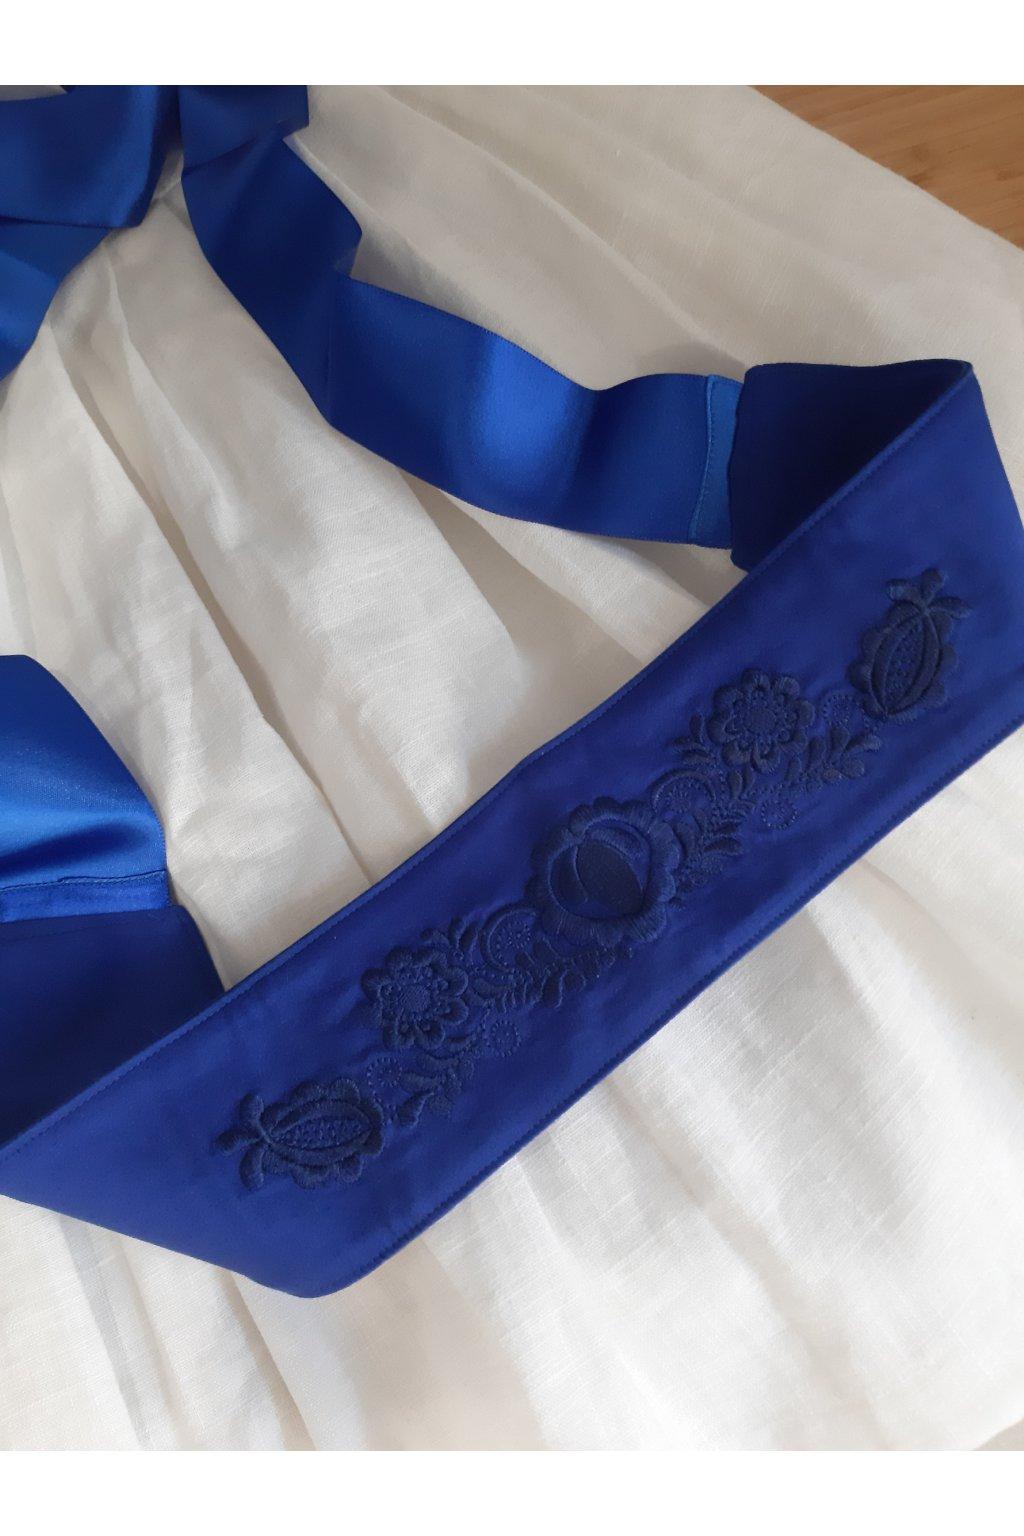 Královsky modrý vyšívaný pásek Srdce a květiny s tmavě modrou výšivkou